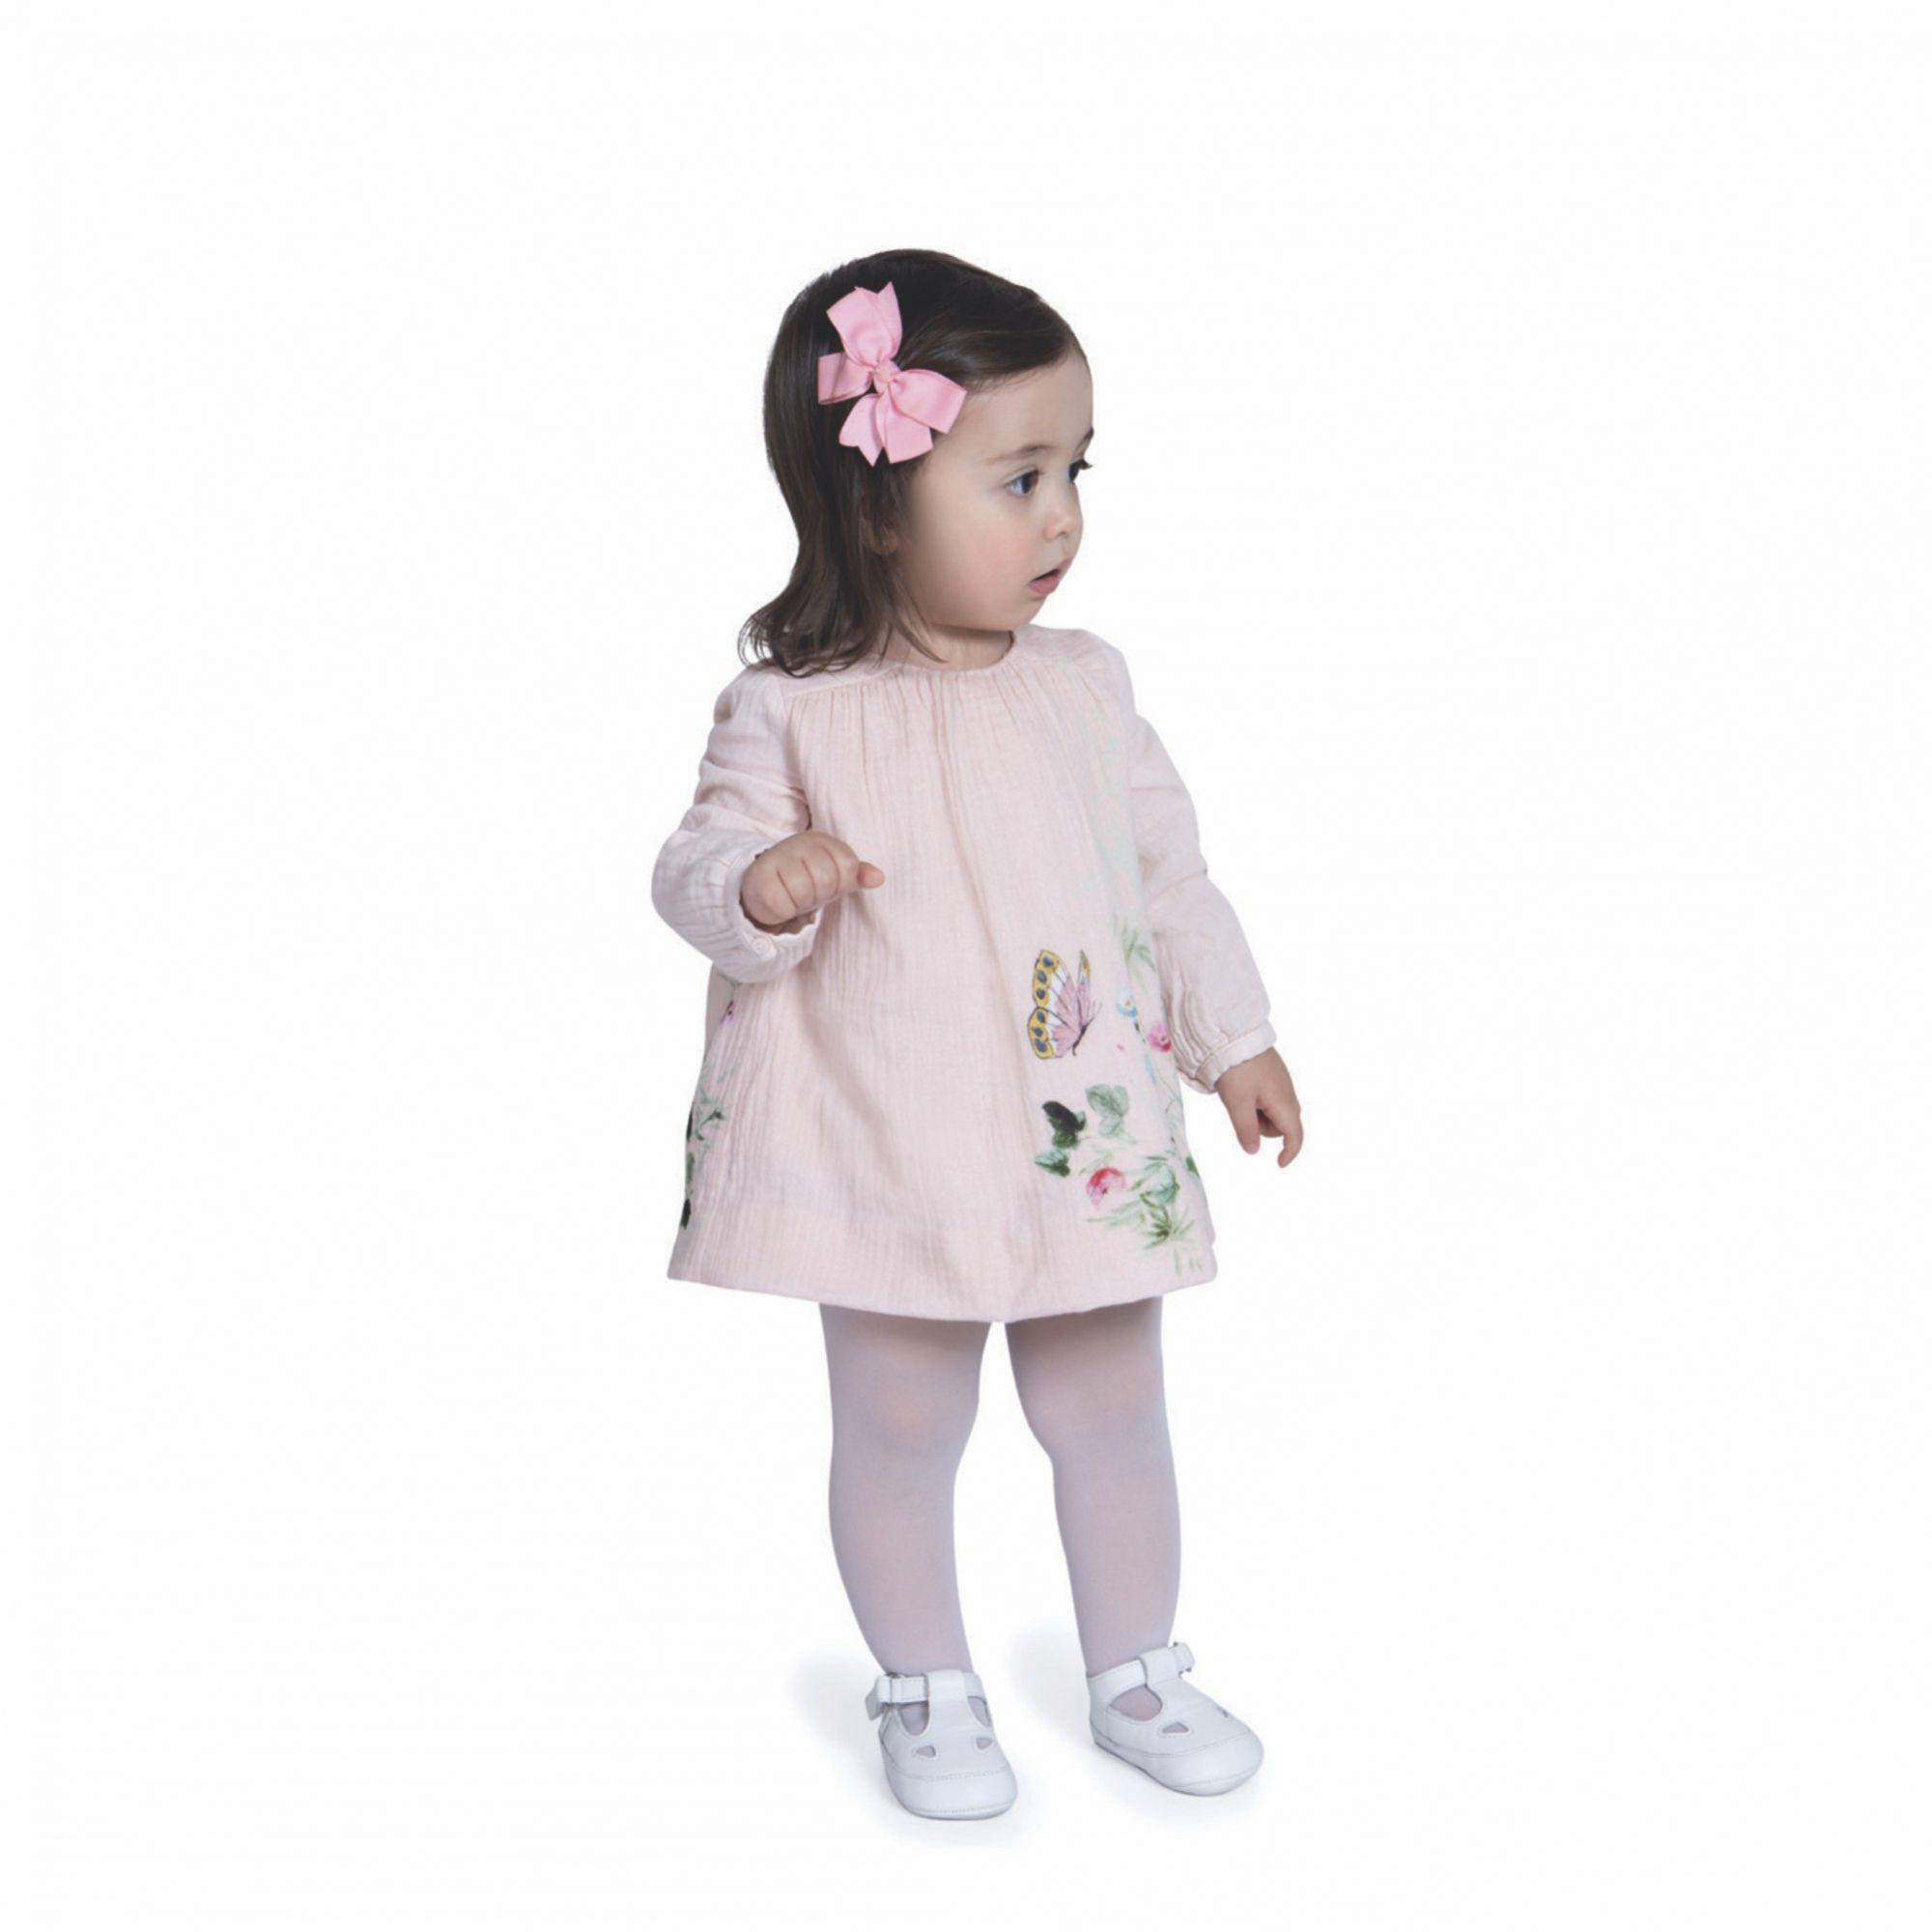 9b02951cd6 MEIA CALCA BEBE FIO 20 LOBINHA - Baby and Home